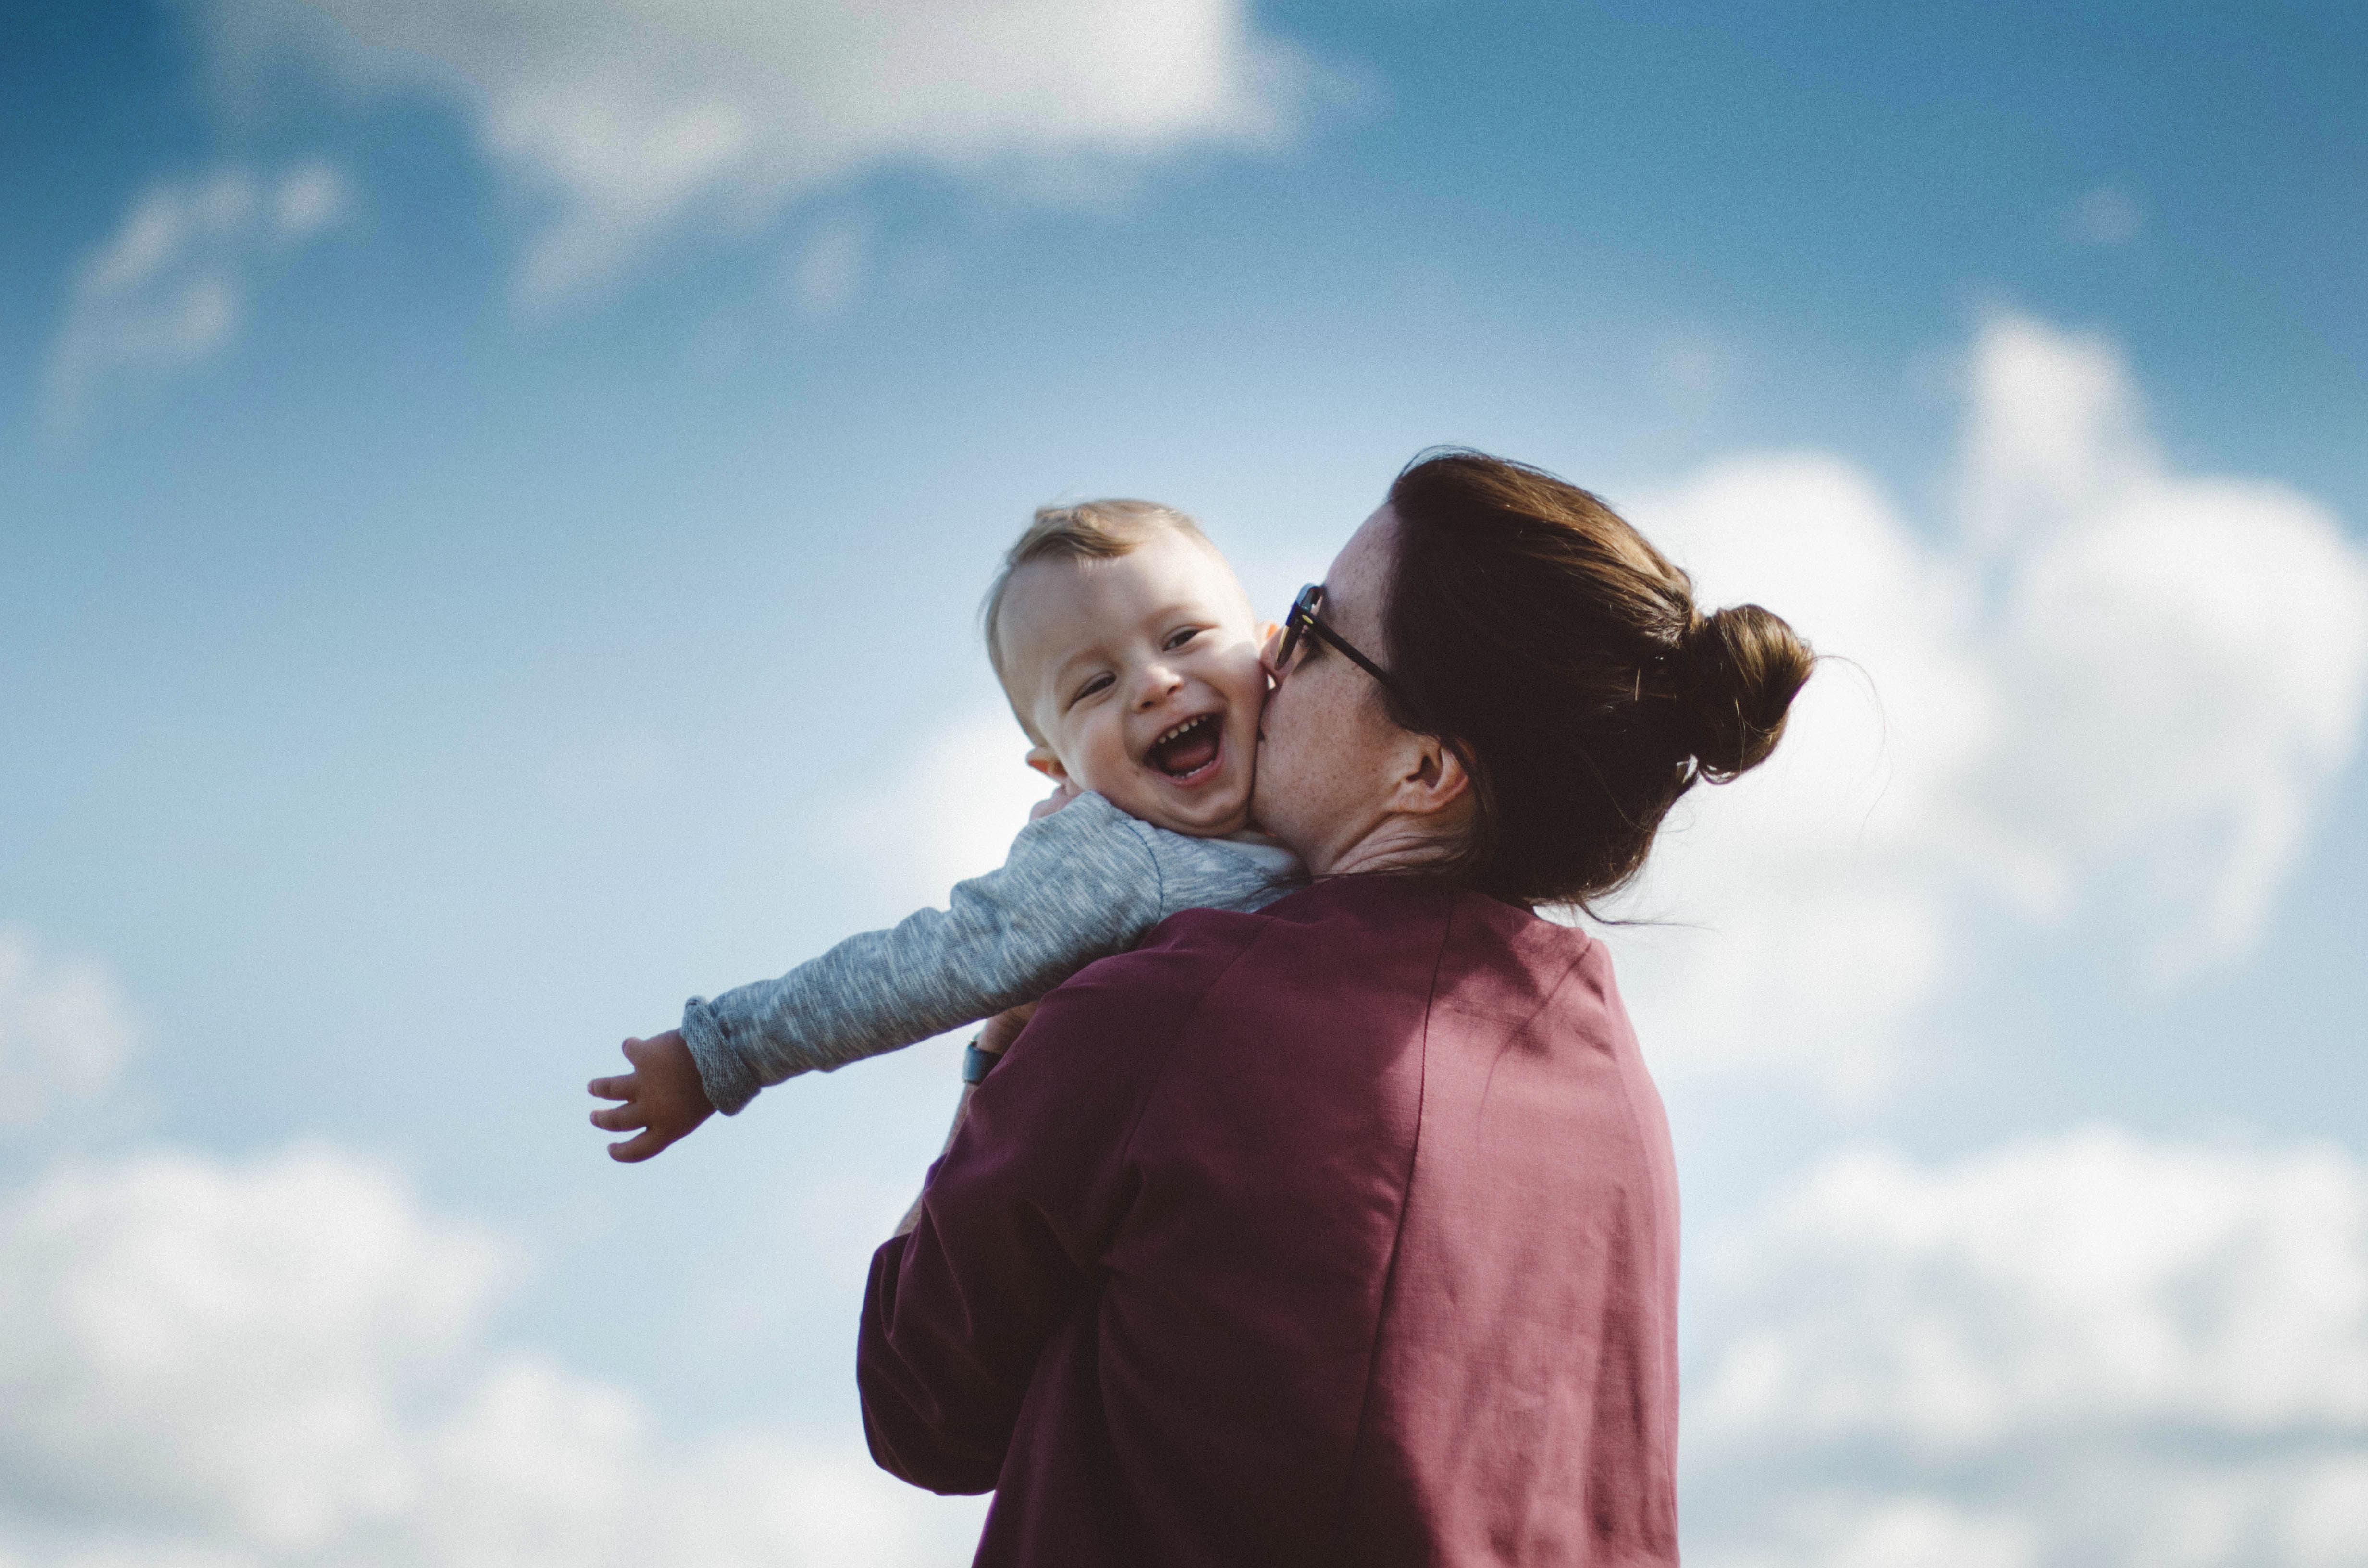 Dokumentarische-Familienfotos-Mutterliebe